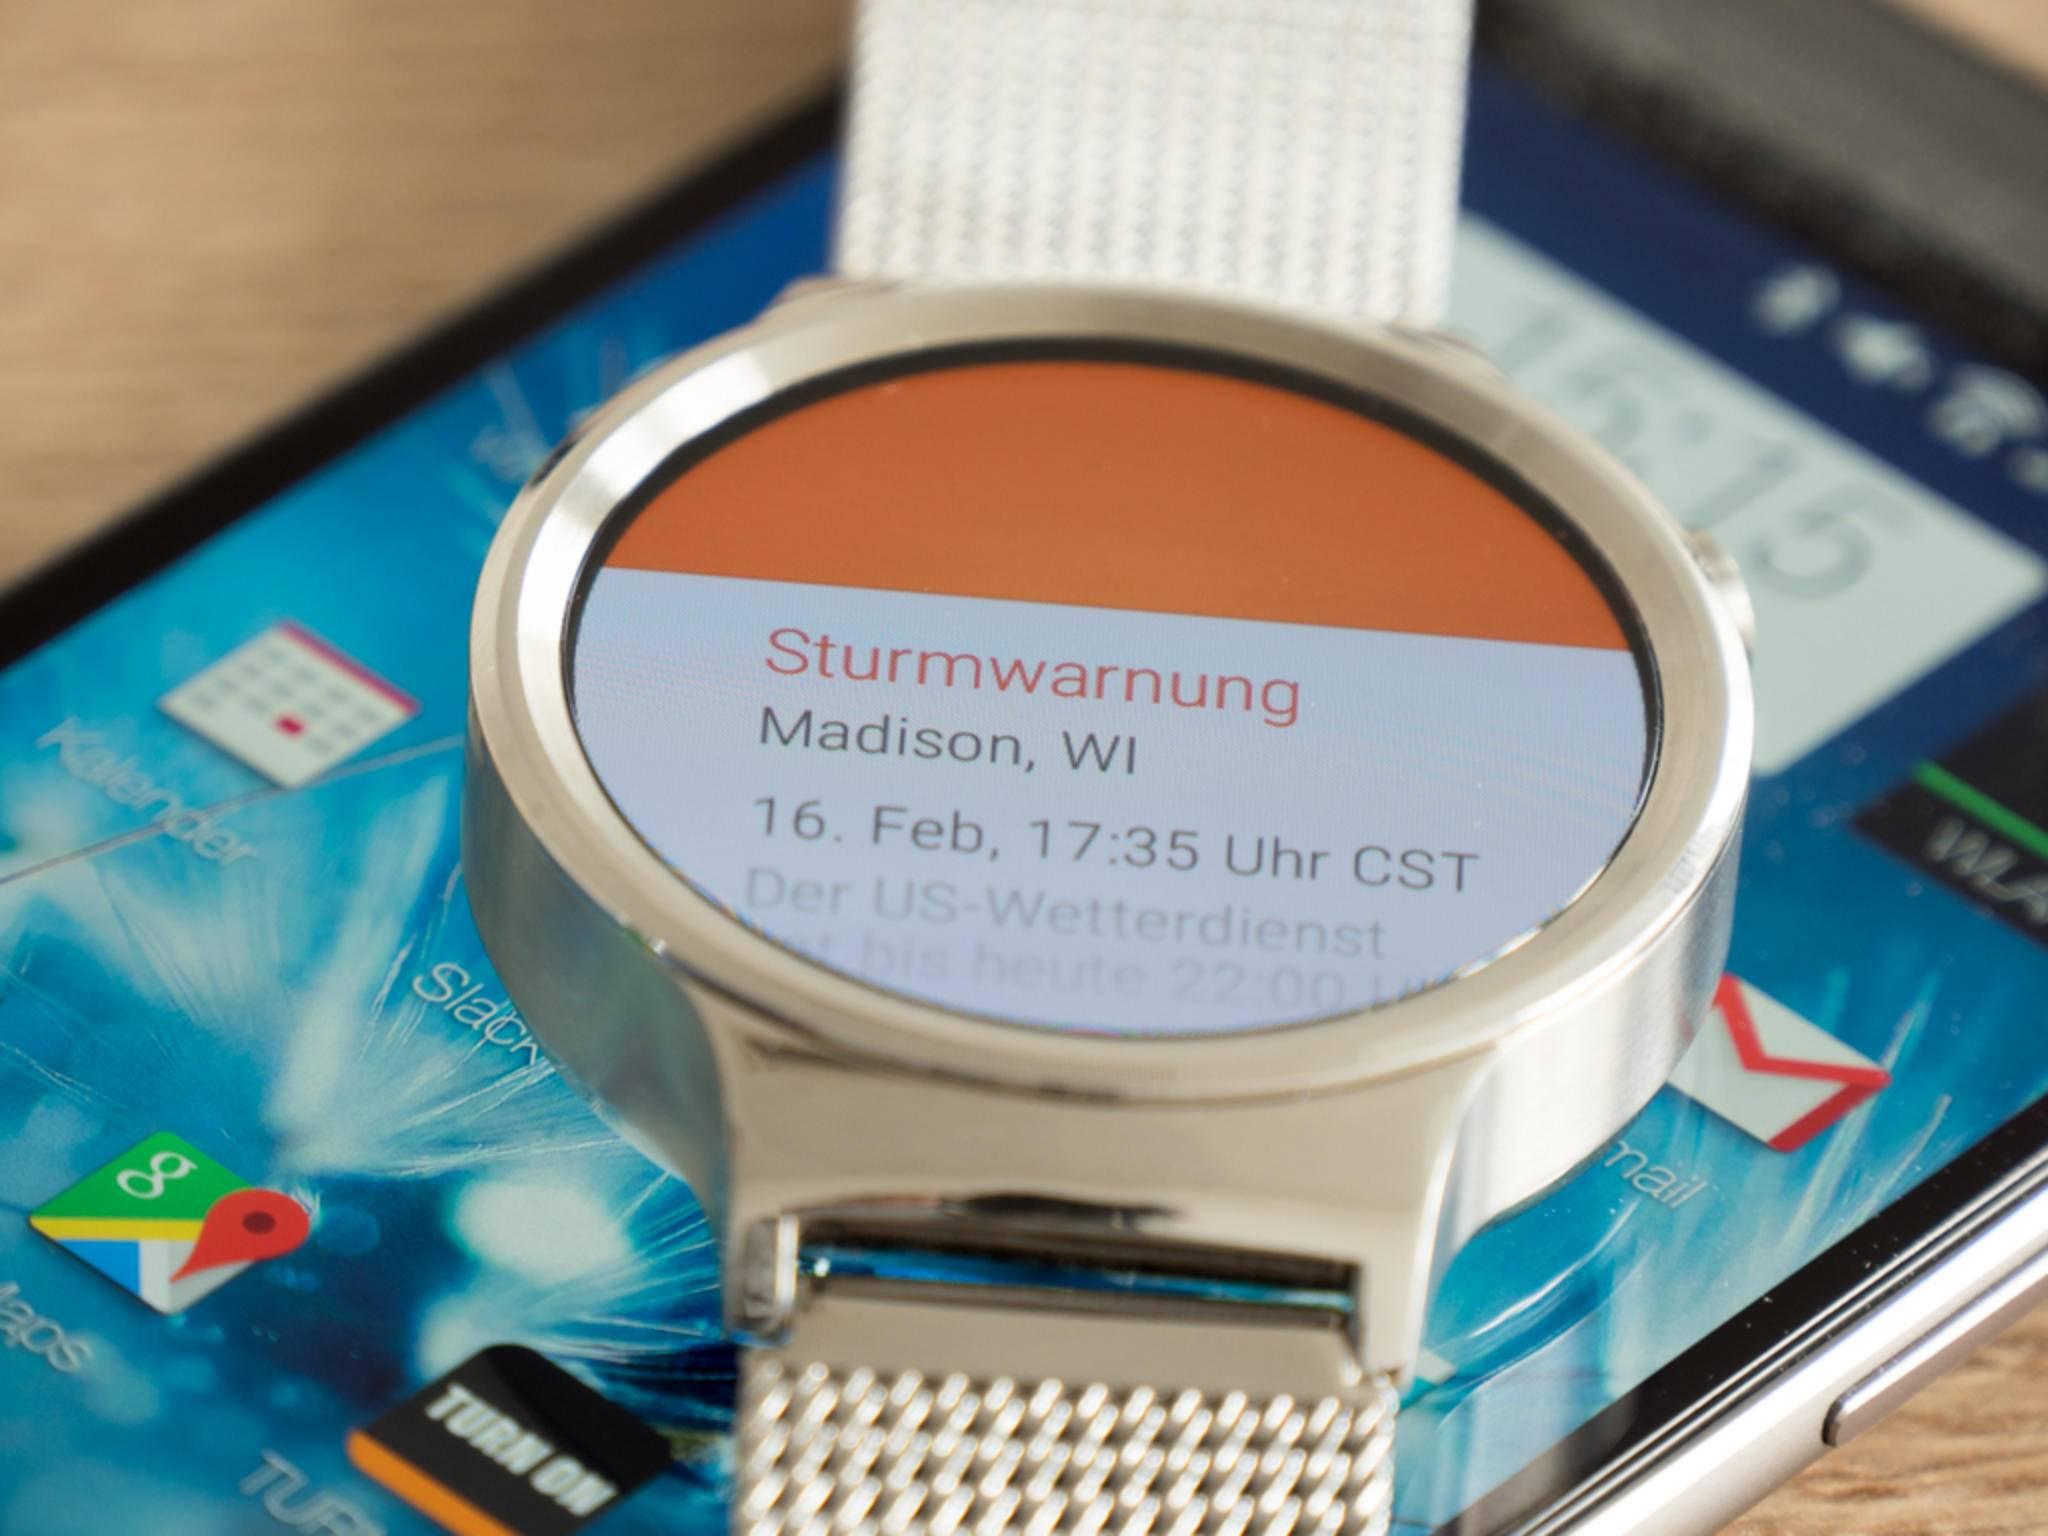 Mittels der sogenannten Karten informiert Android Wear über eingehende Nachrichten und Anrufe.